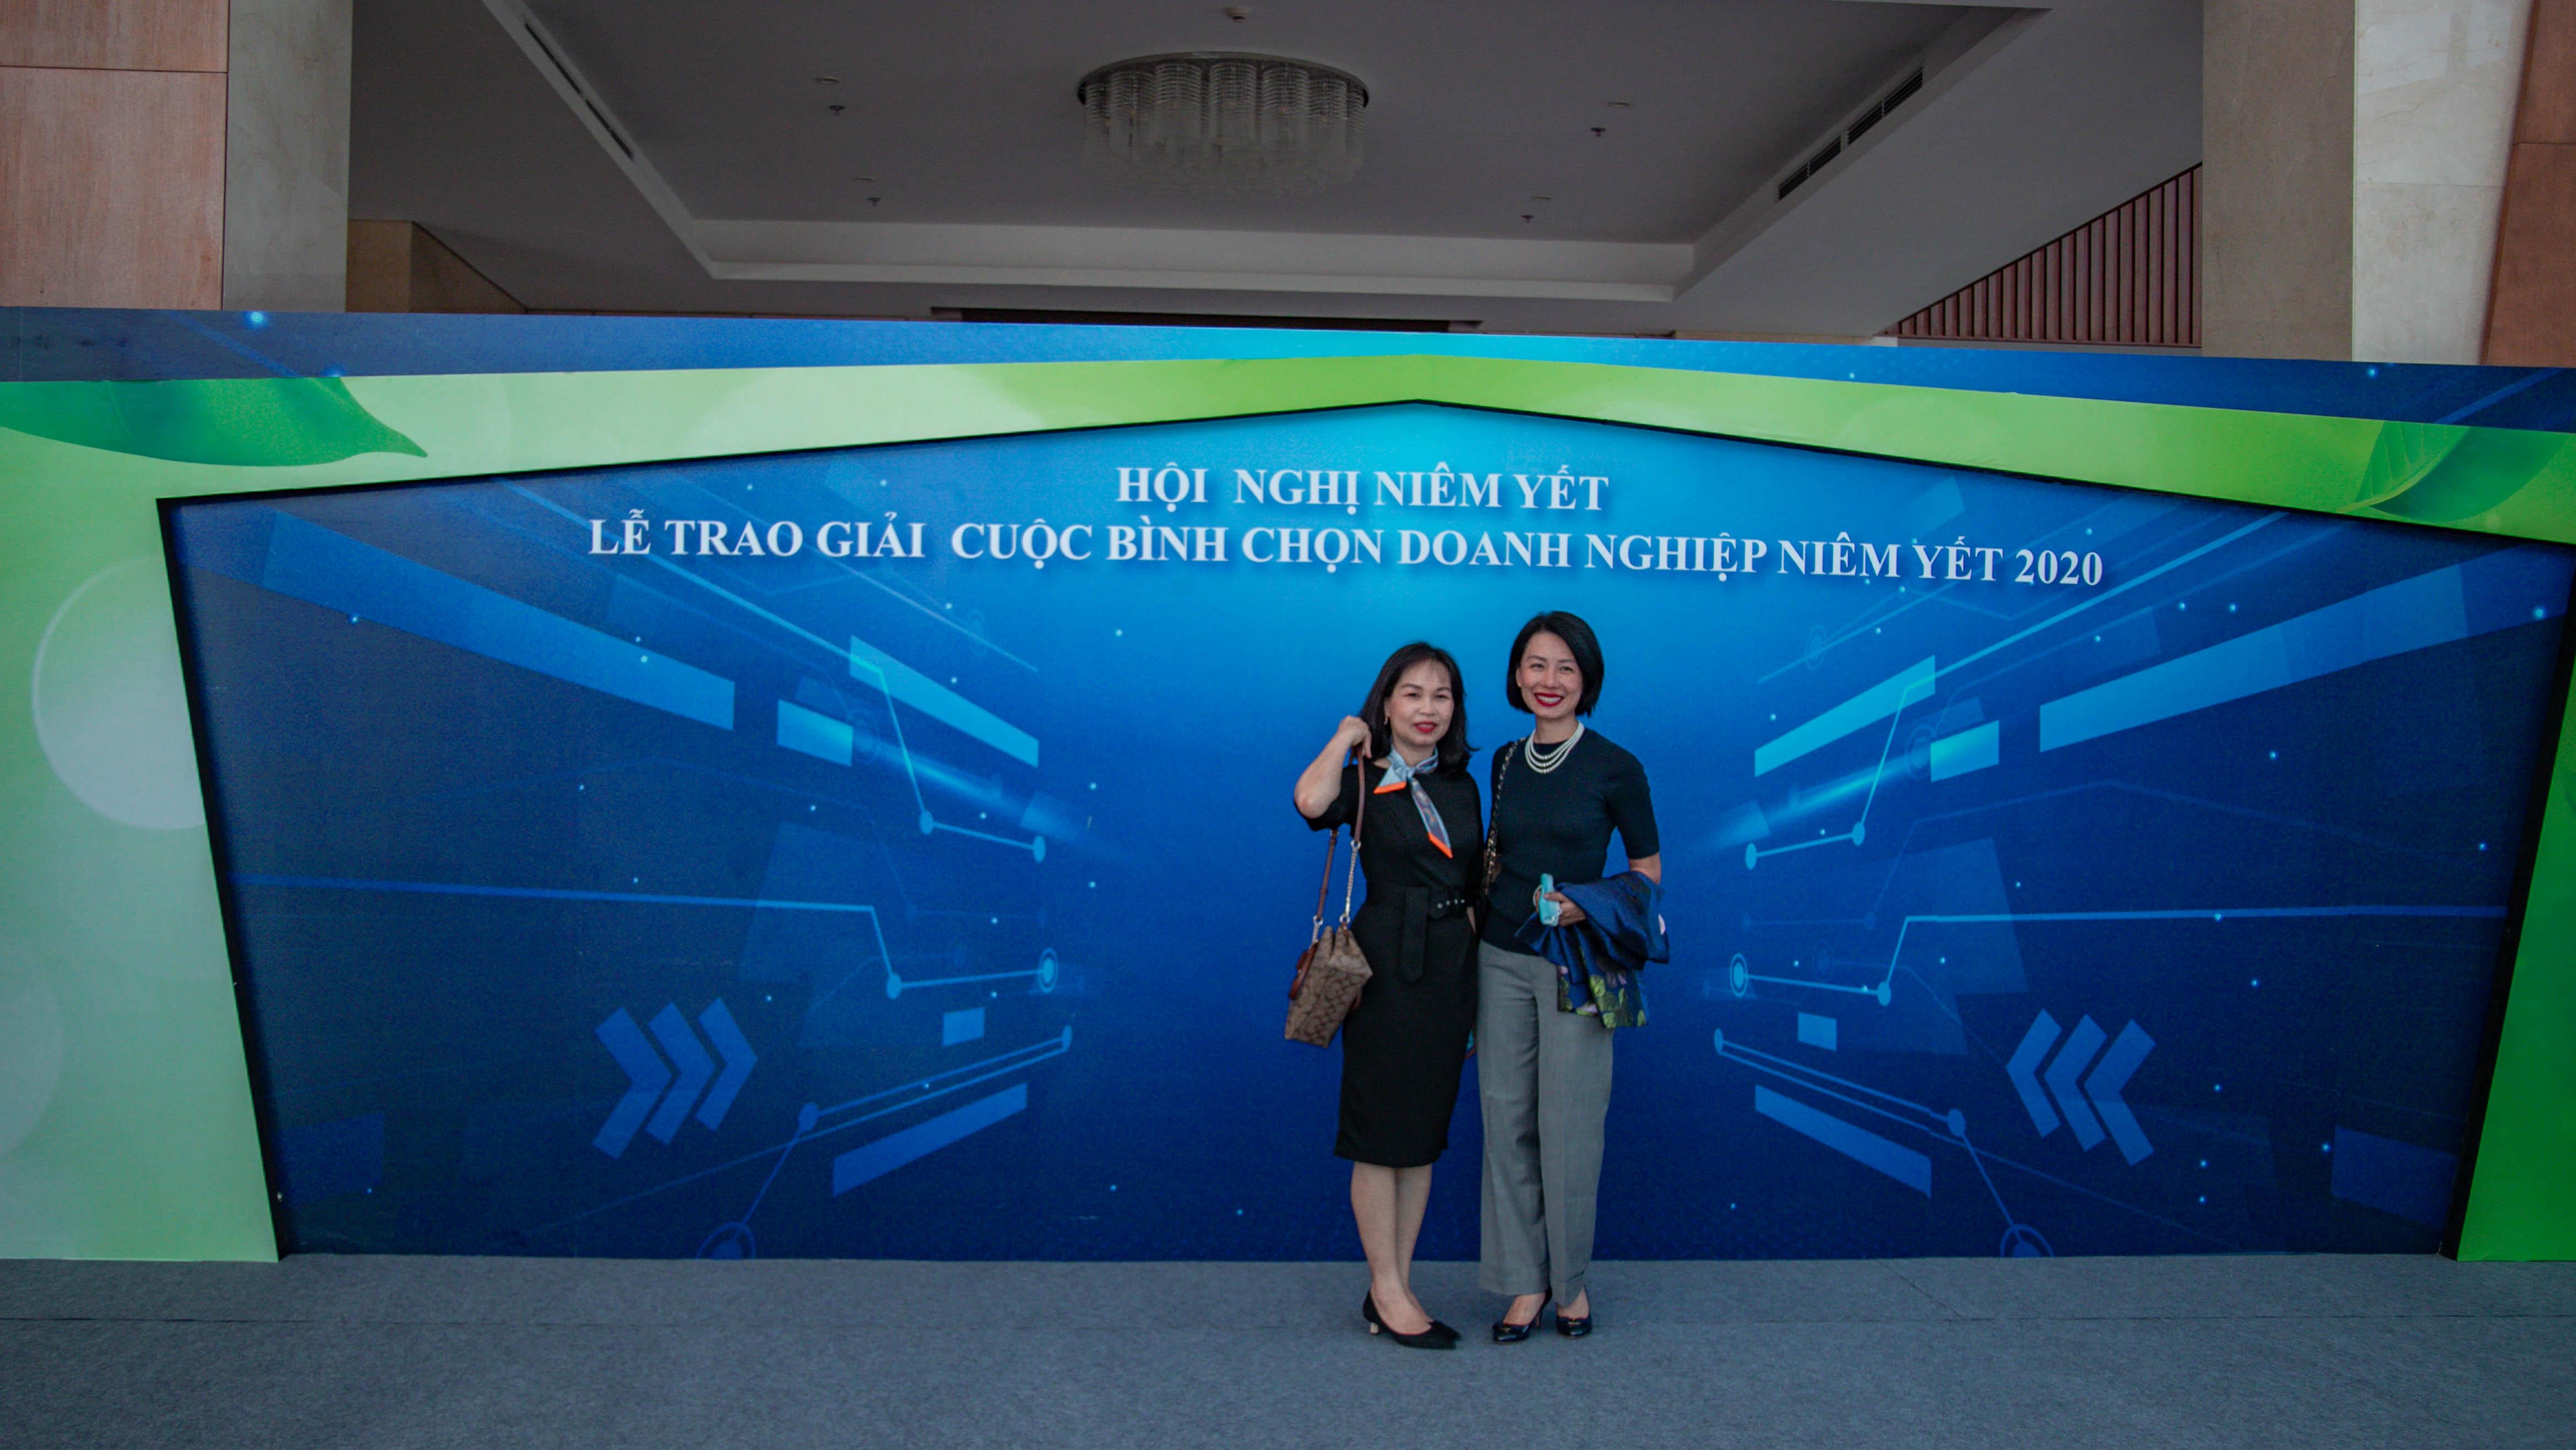 https://www.aravietnam.vn/wp-content/uploads/2020/12/IMG_8464.jpg